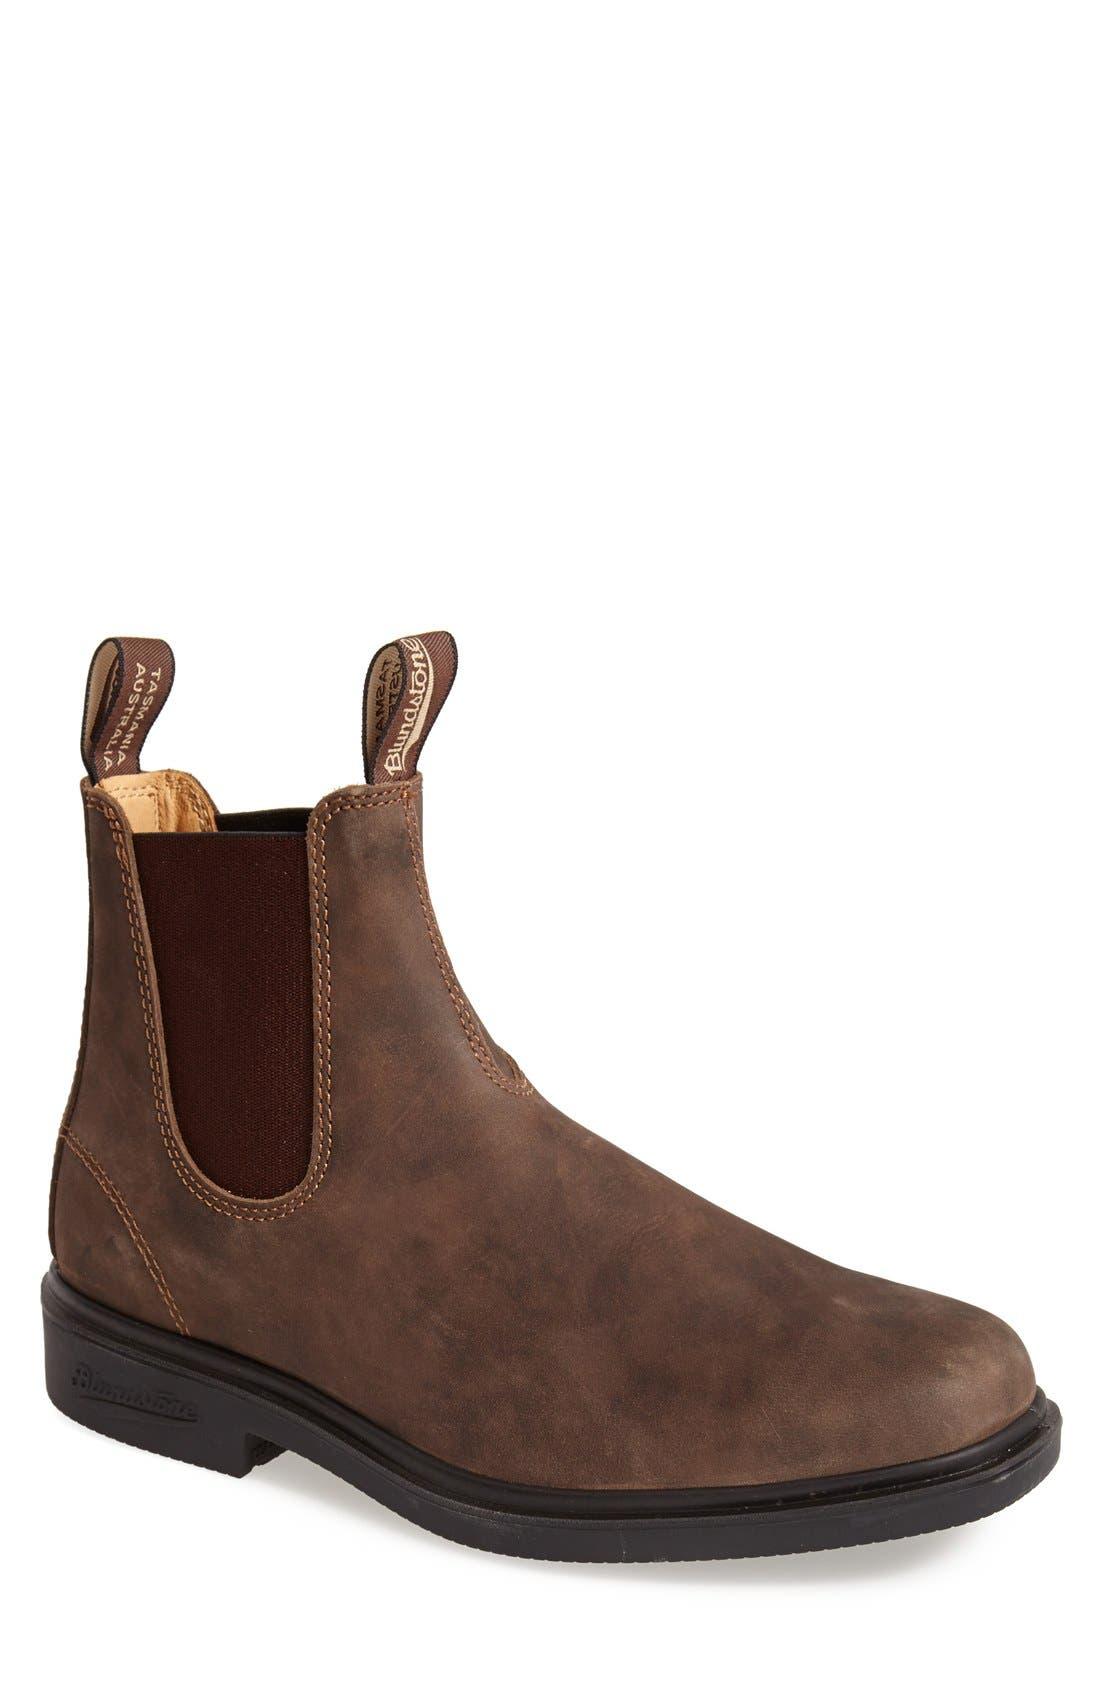 BLUNDSTONE FOOTWEAR Chelsea Boot, Main, color, RUSTIC BROWN